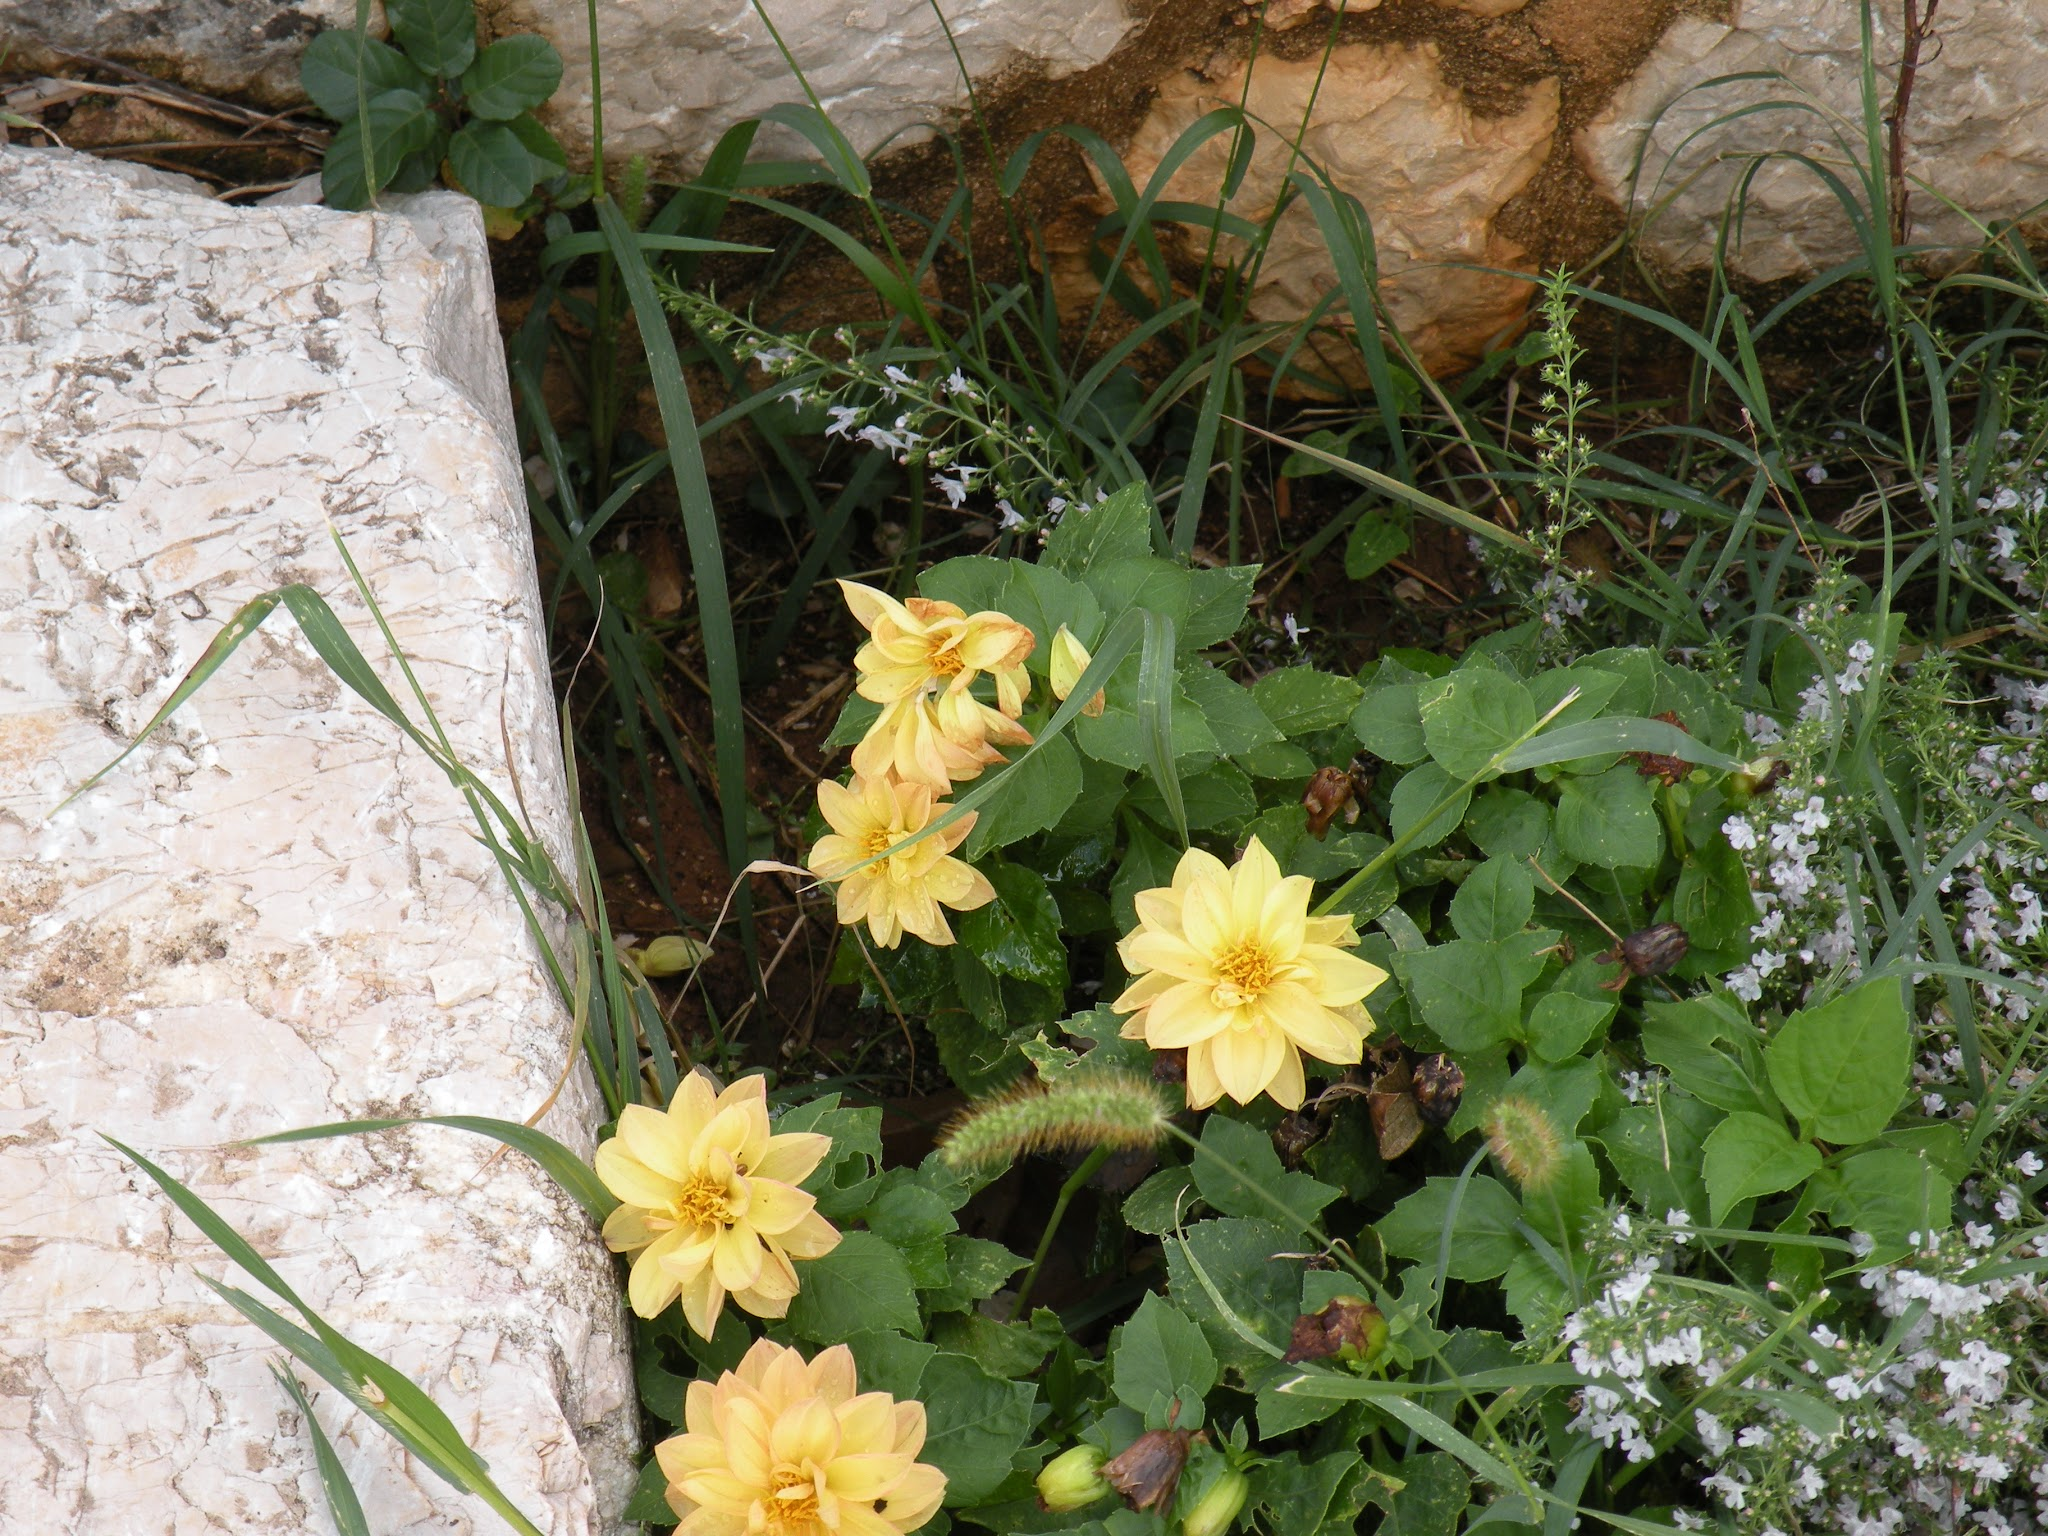 Slikovni rezultat za modaodaradosti flowers spring